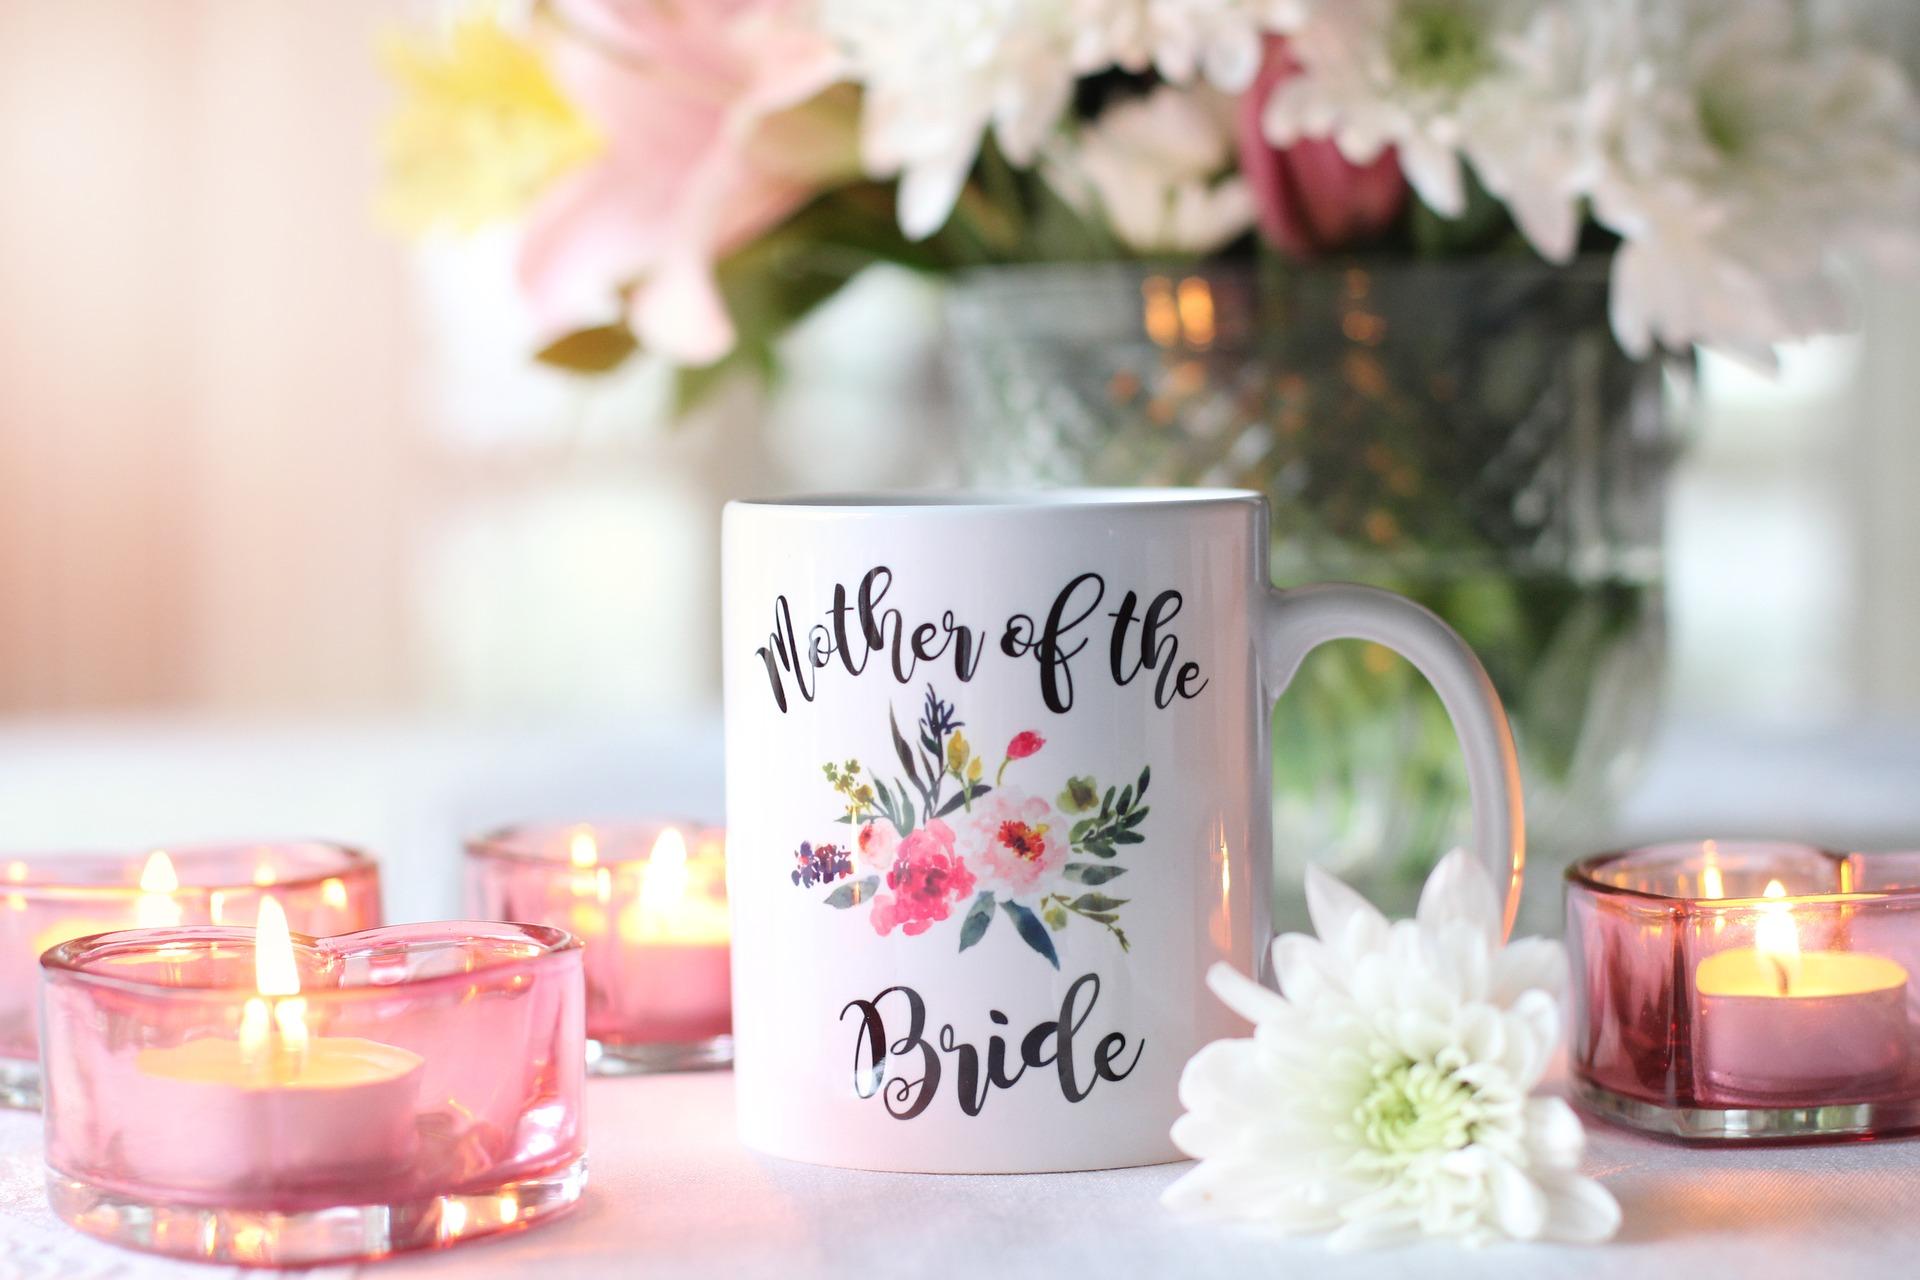 עיצוב חתונה: מאיפה מתחילים?